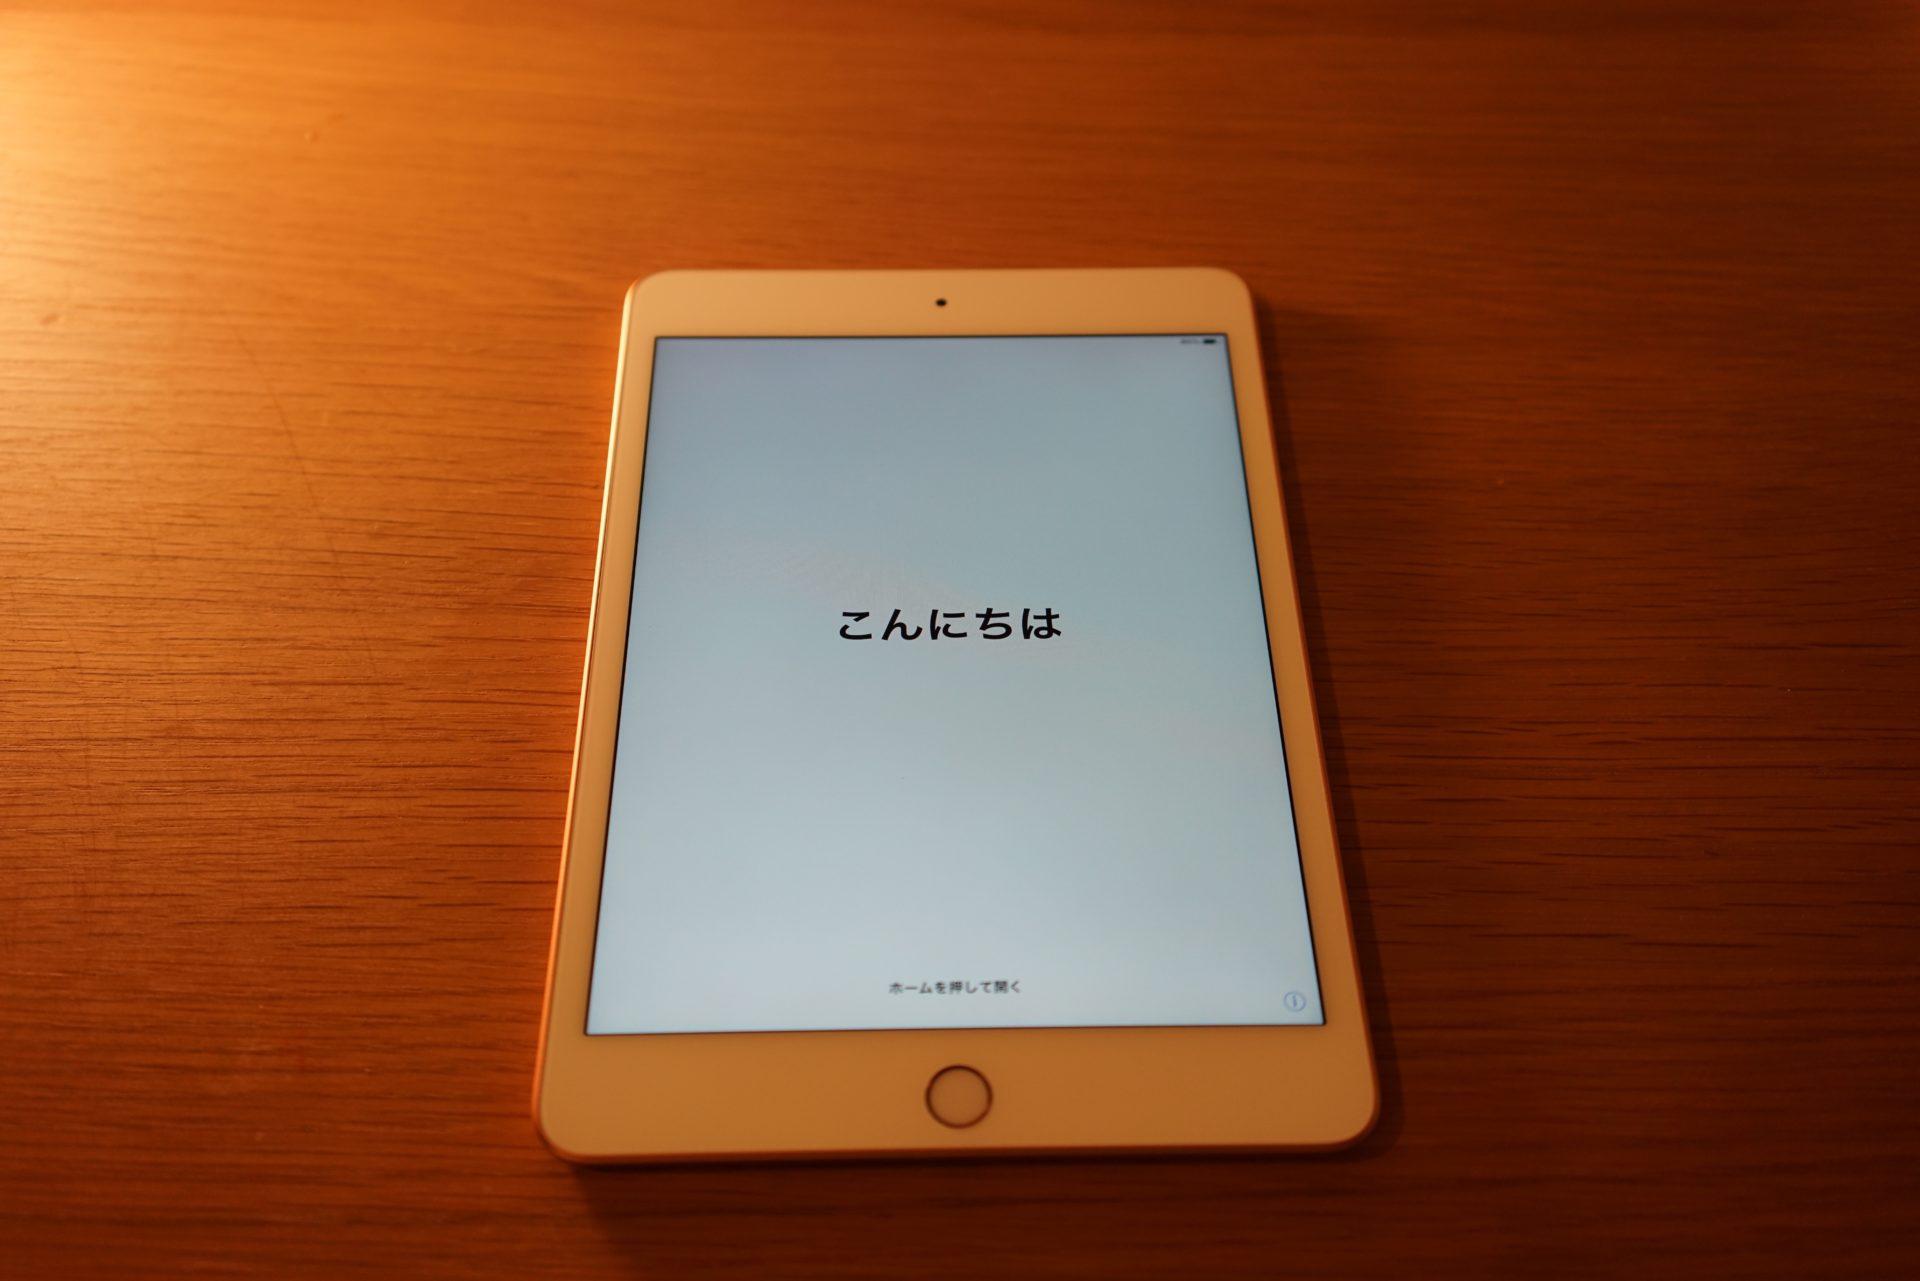 iPad mini 5 generation